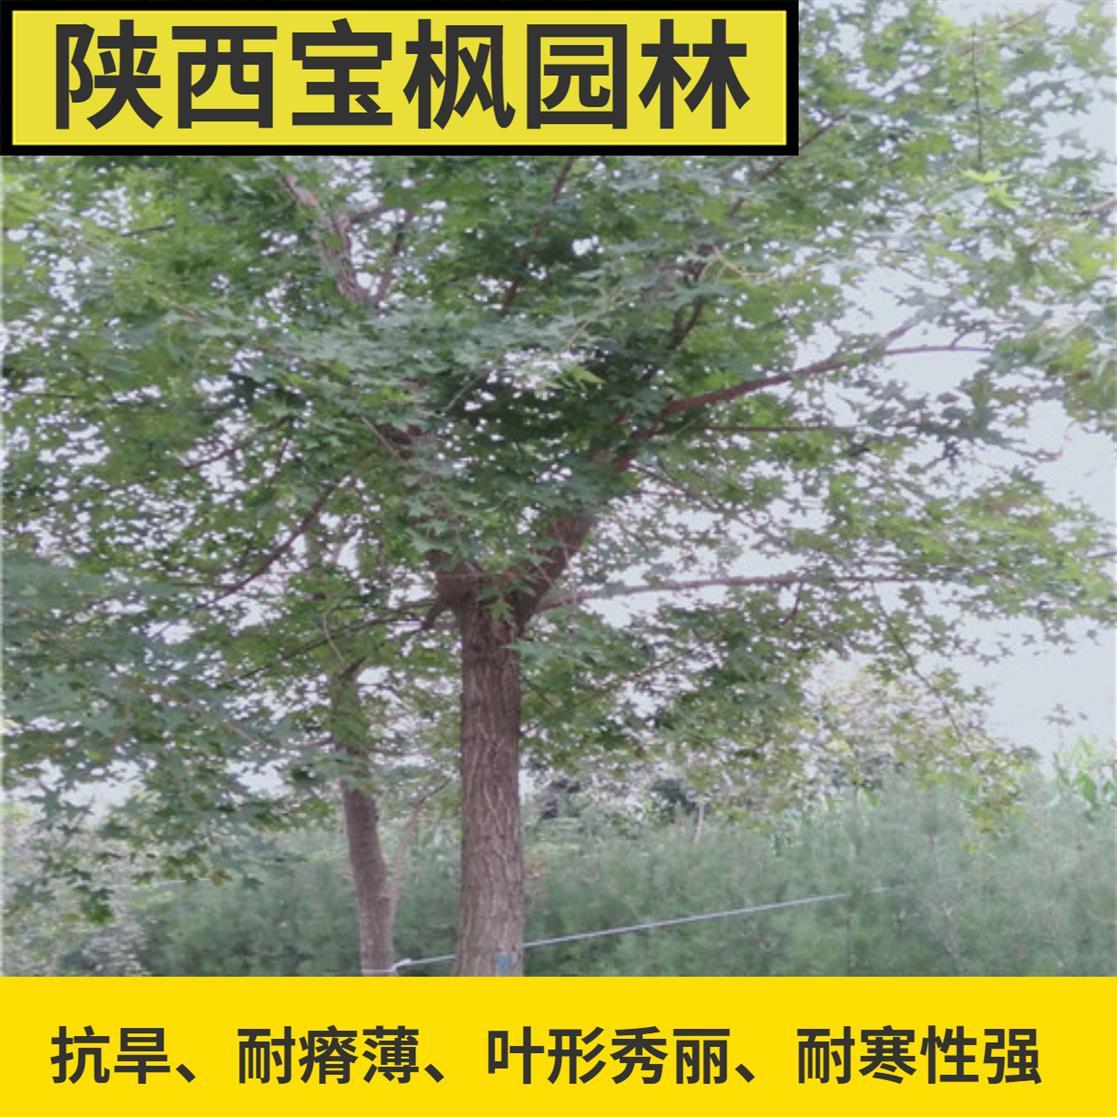 江苏丛生元宝枫量大优惠 红叶元宝枫 买苗木没来这家 后悔死了